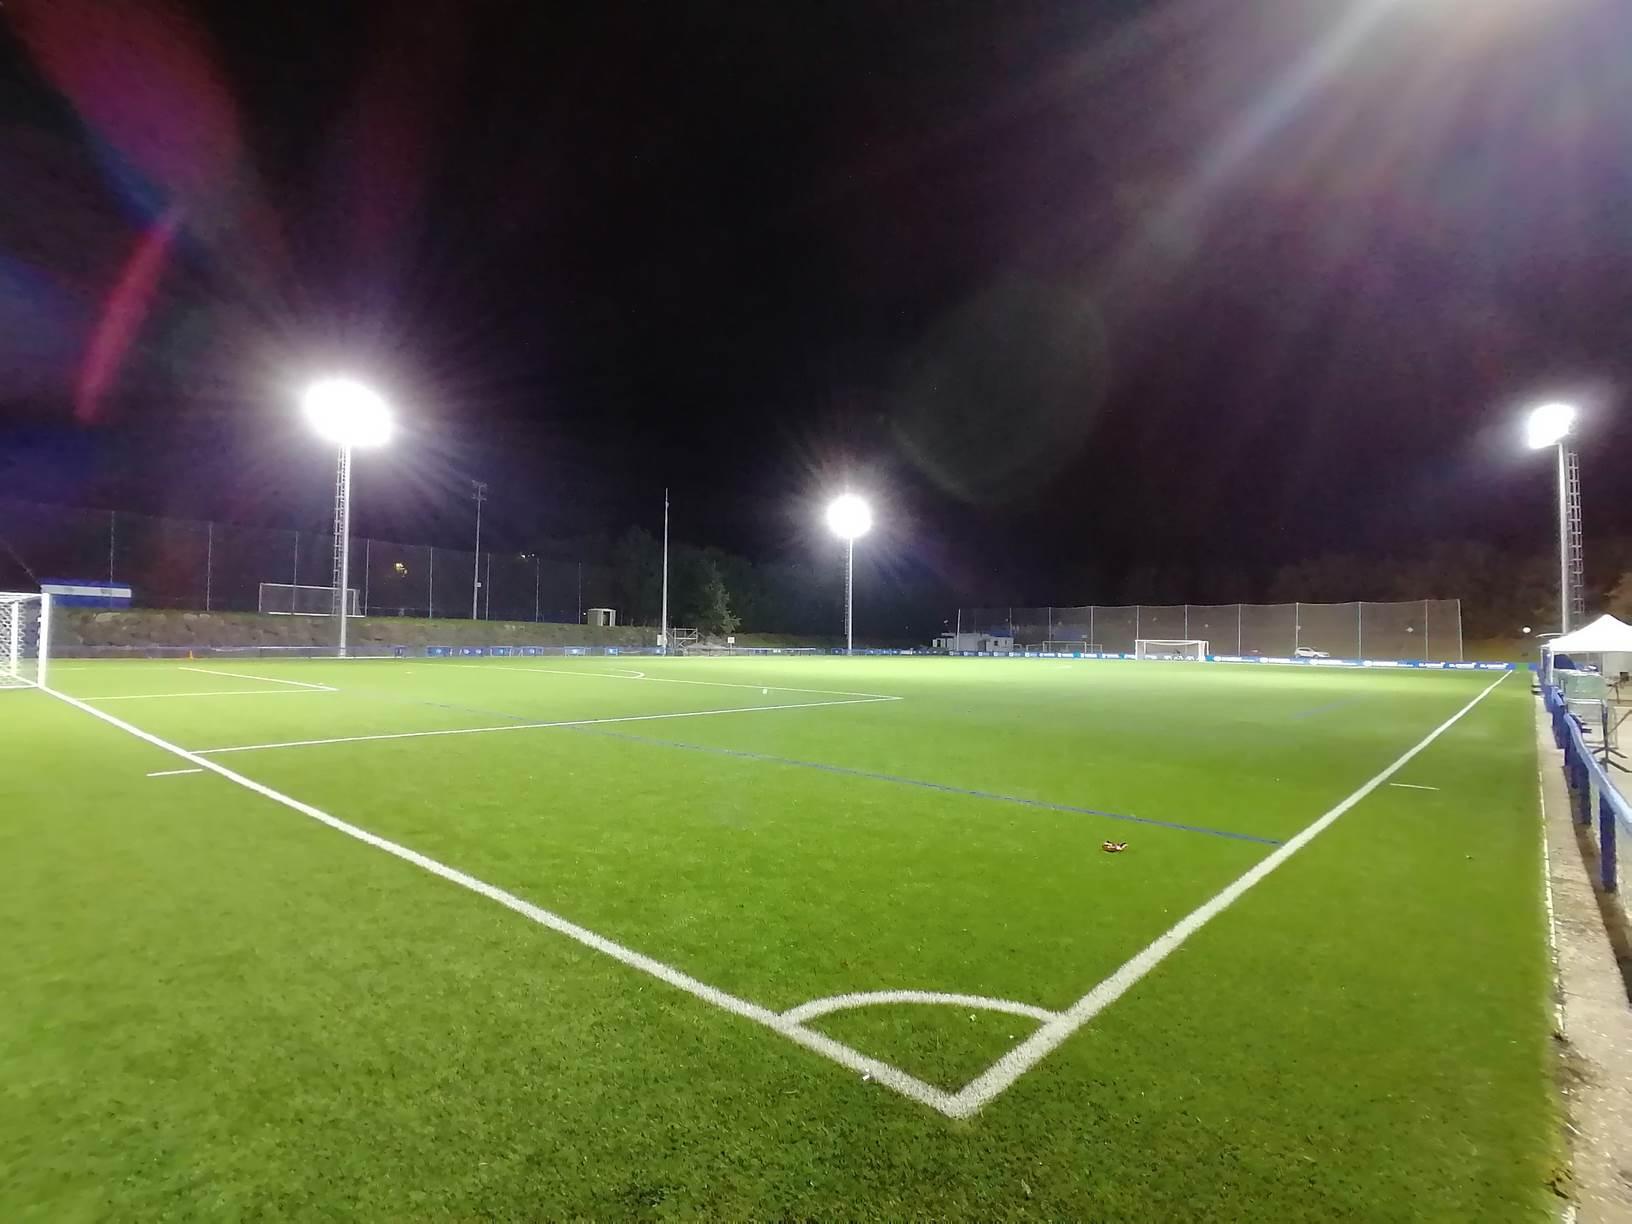 Ciudad Deportiva José Luis Campañón (Ibaia), Vitoria-Gasteiz